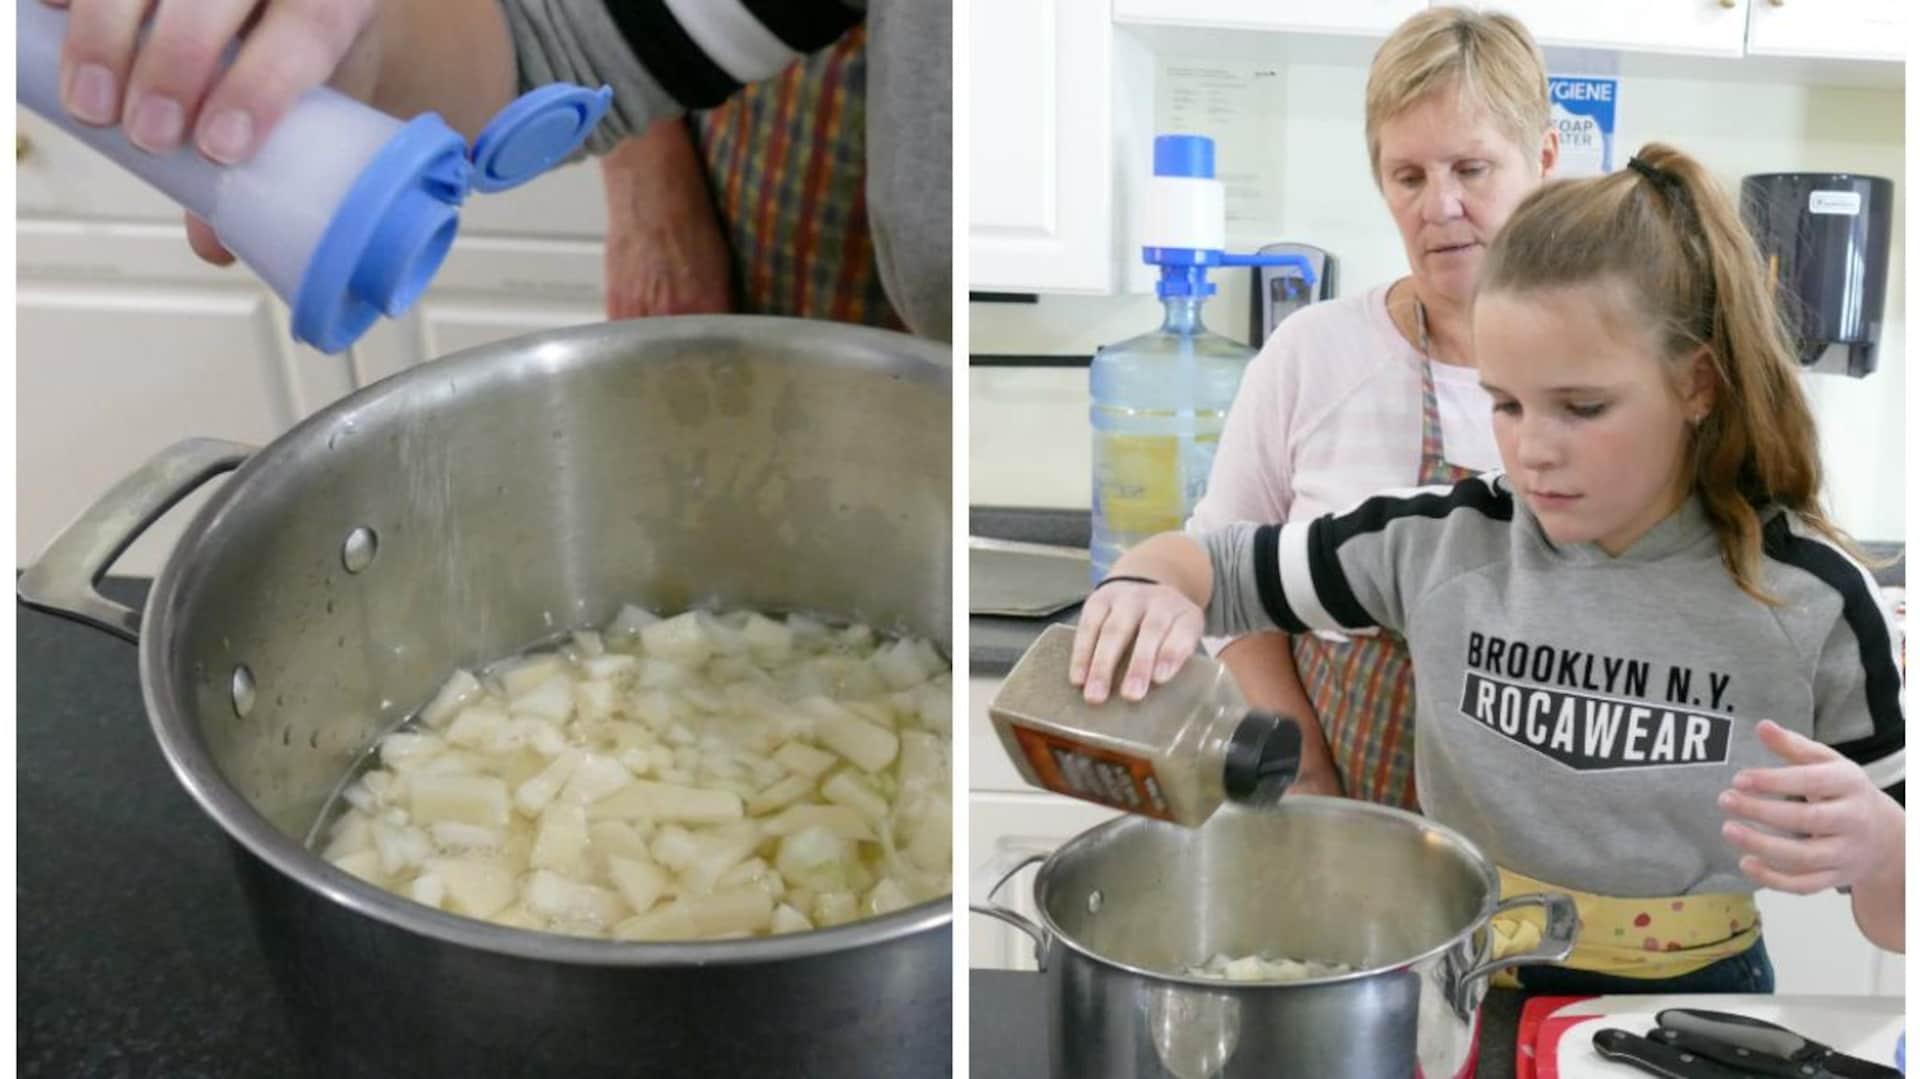 Abby ajoute le sel et le poivre dans le chaudron de patates. Joanne surveille derrière elle.